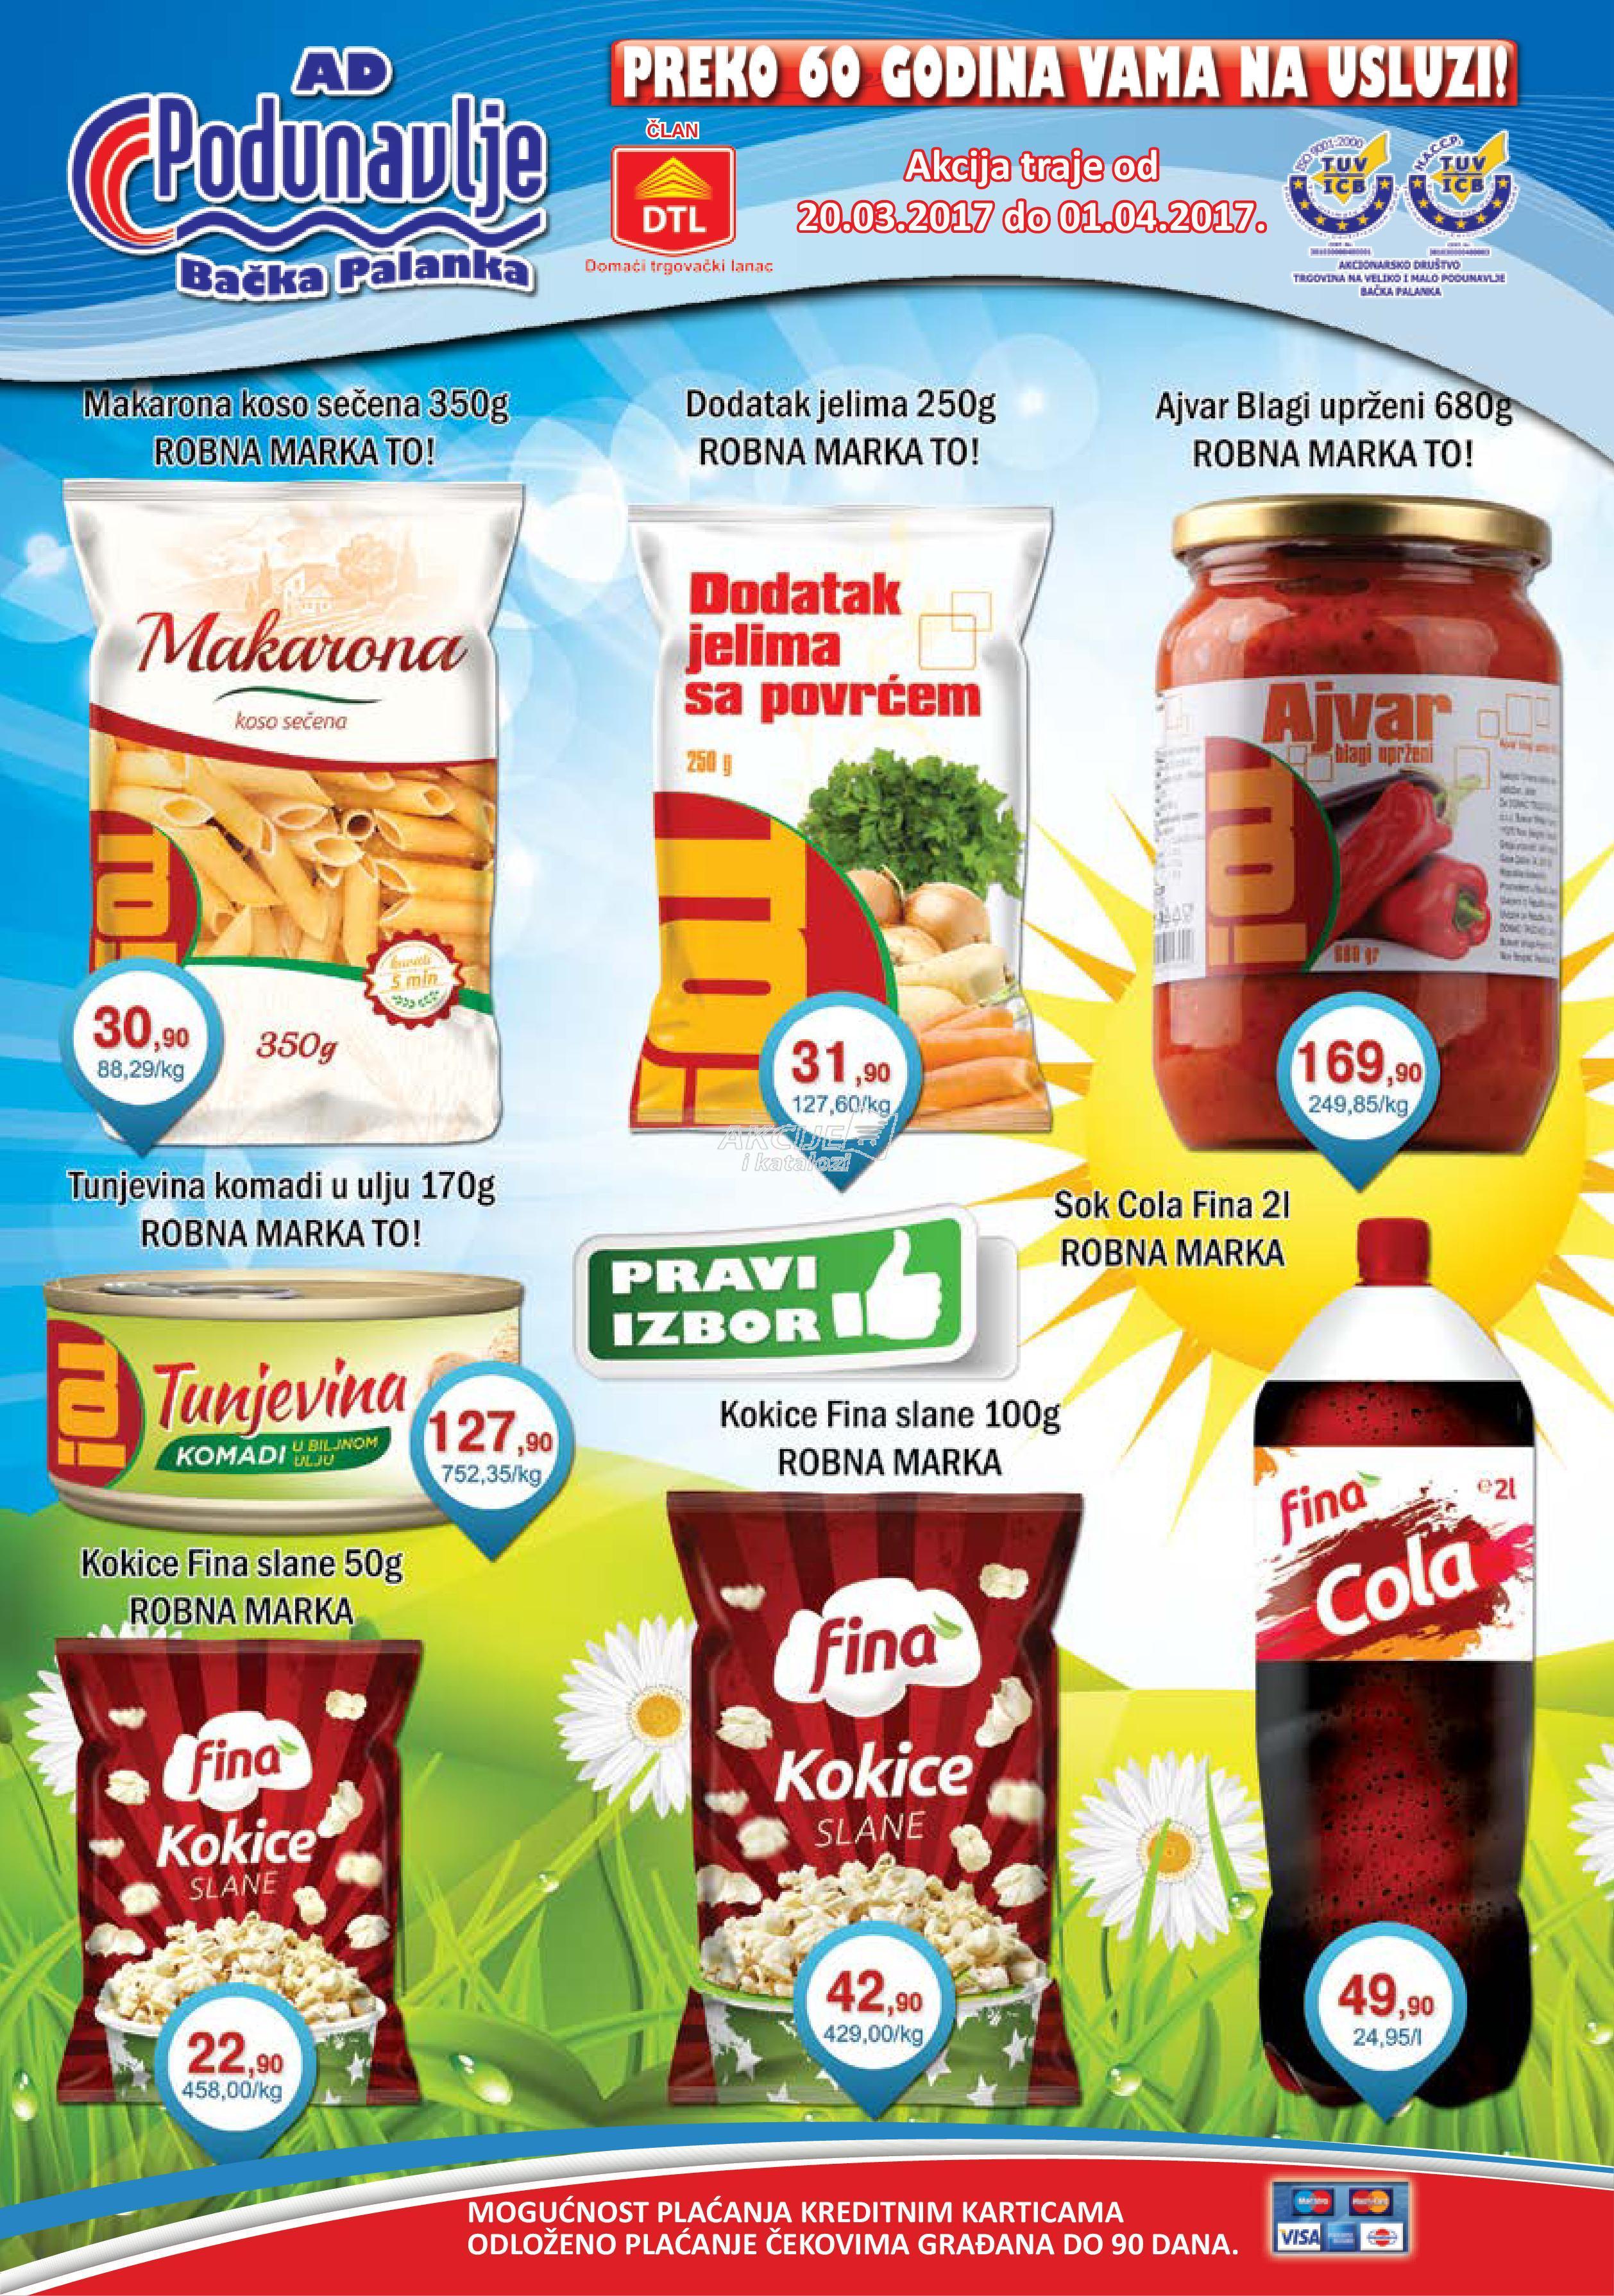 AD Podunavlje - Redovna akcija super kupovine